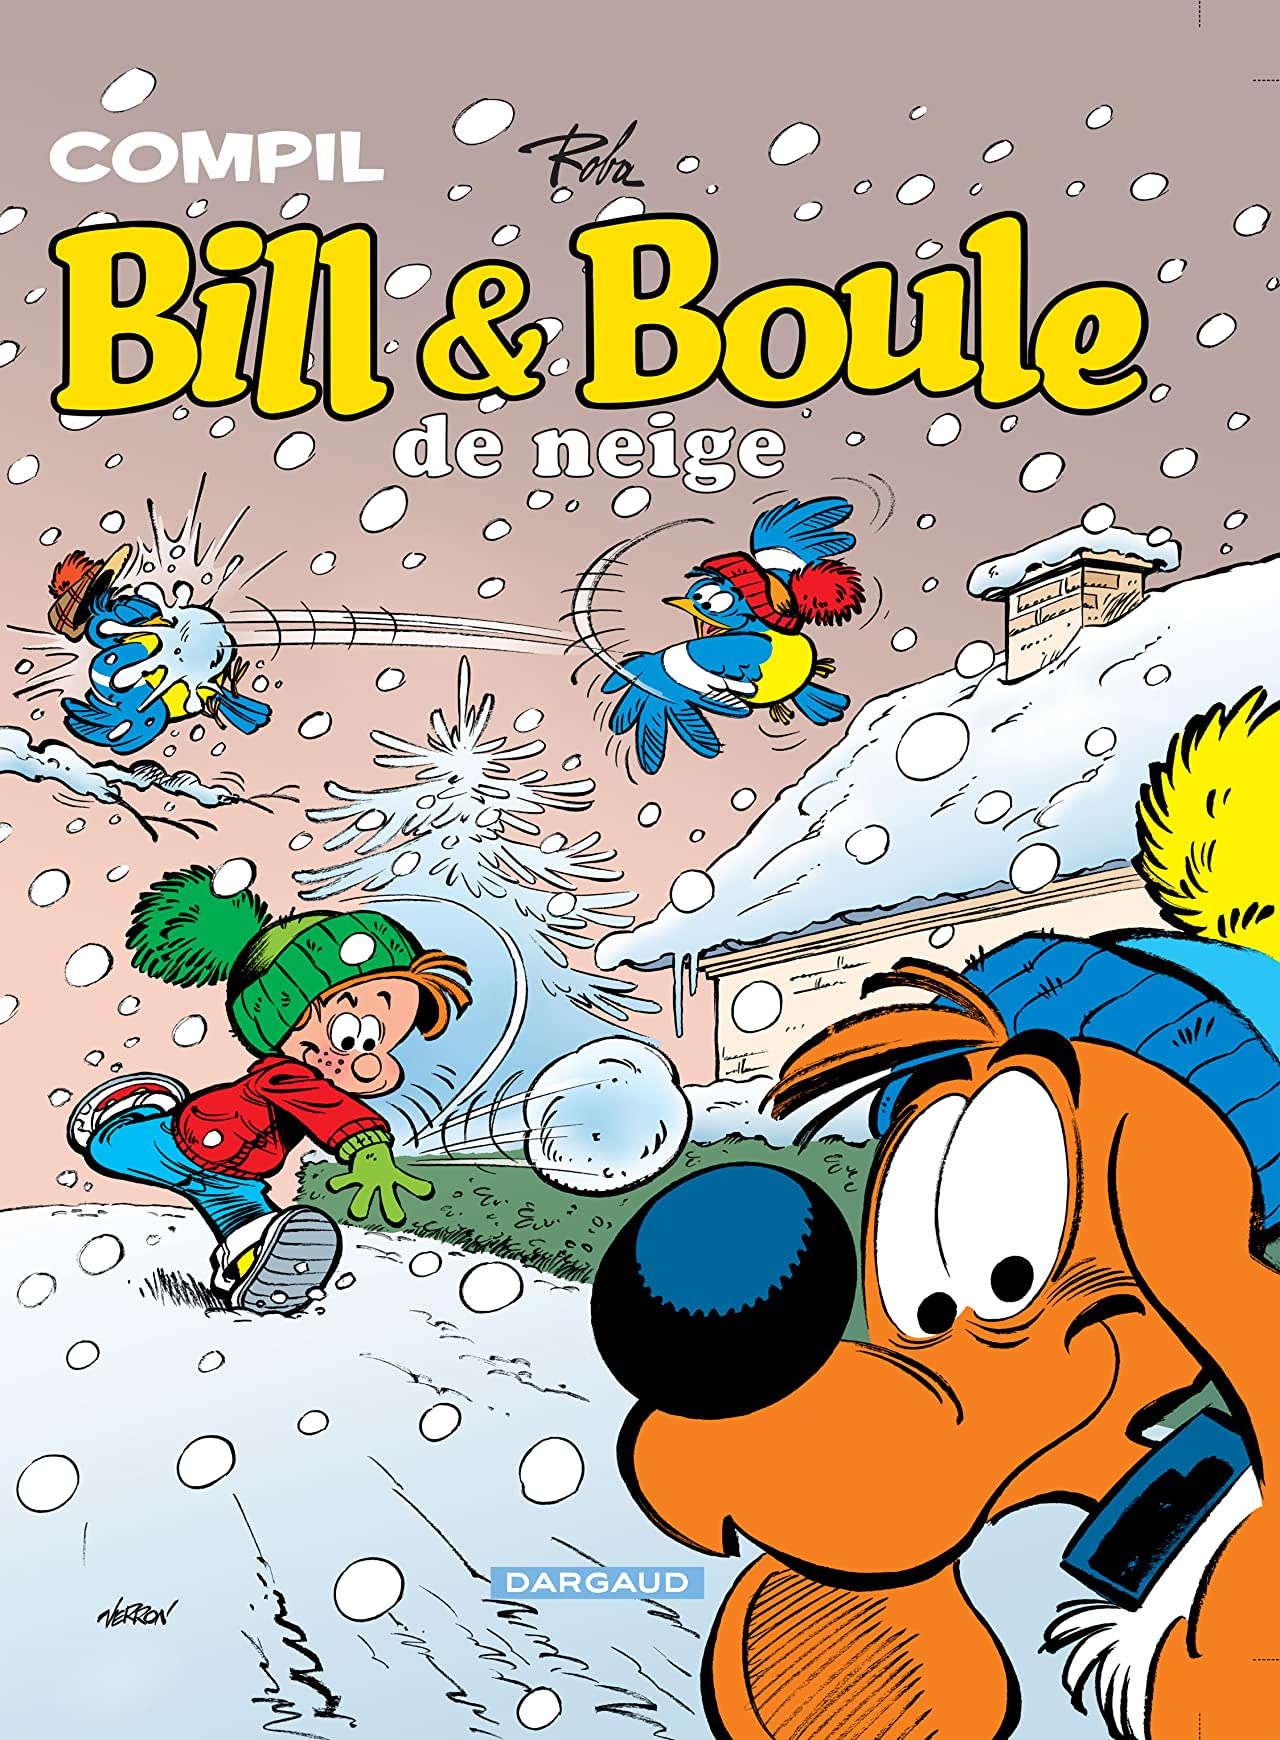 Boule et Bill (Compilation) SBB Vol. 1: Bill et Boule de neige